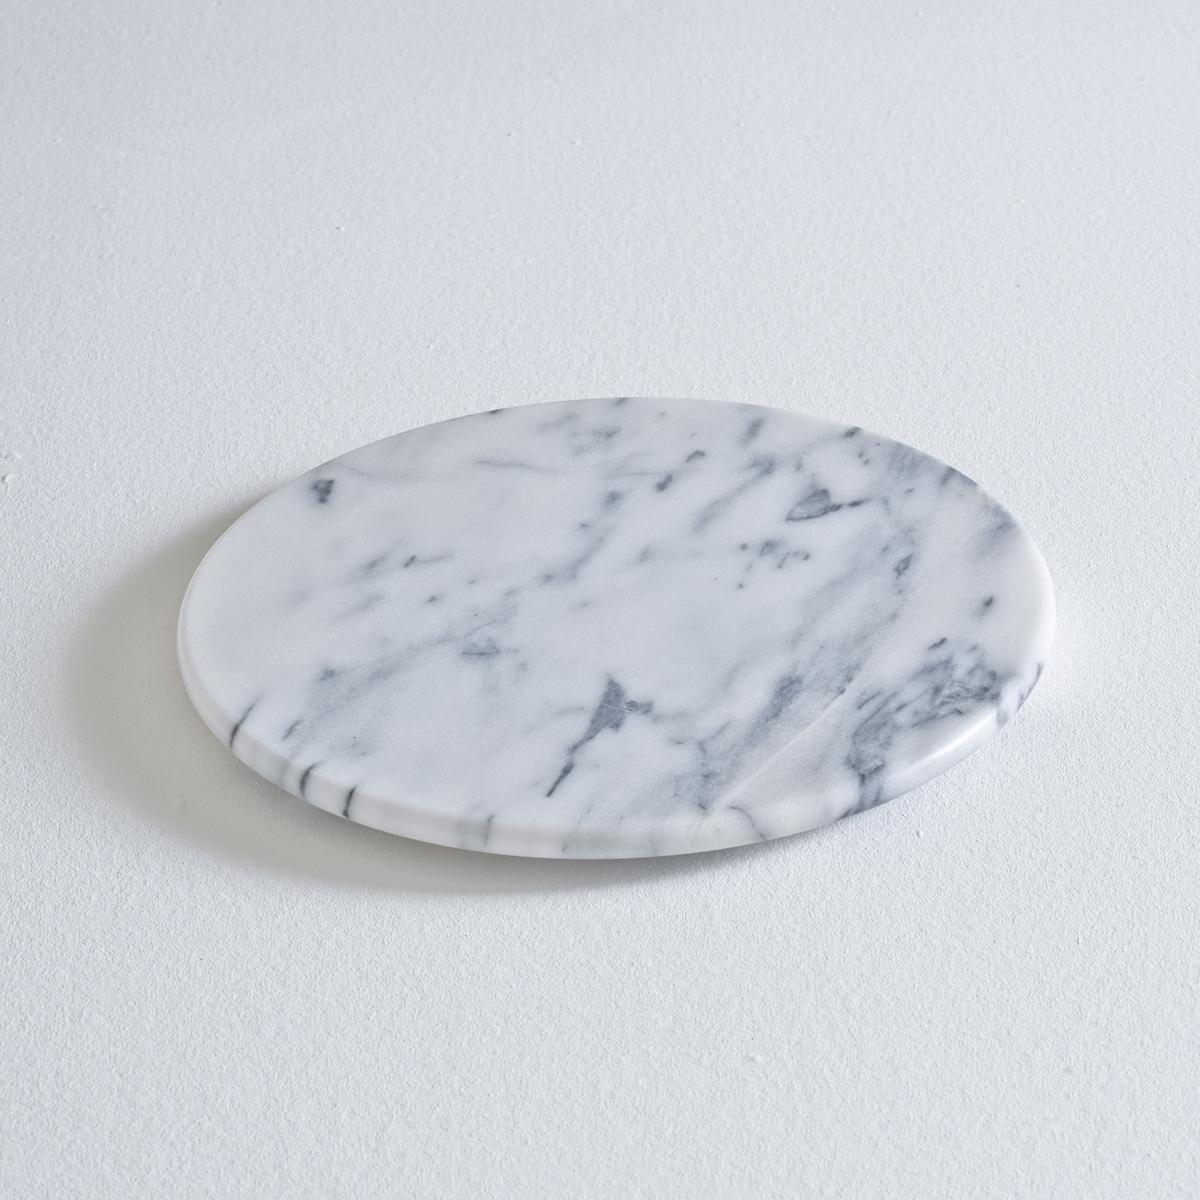 Поднос круглый из мрамораХарактеристики мраморного подноса:- Выполнен из сверхпрочного белого мрамора с серыми прожилкам.- Диаметр 30 x Высота 2 см.<br><br>Цвет: белый мрамор<br>Размер: единый размер